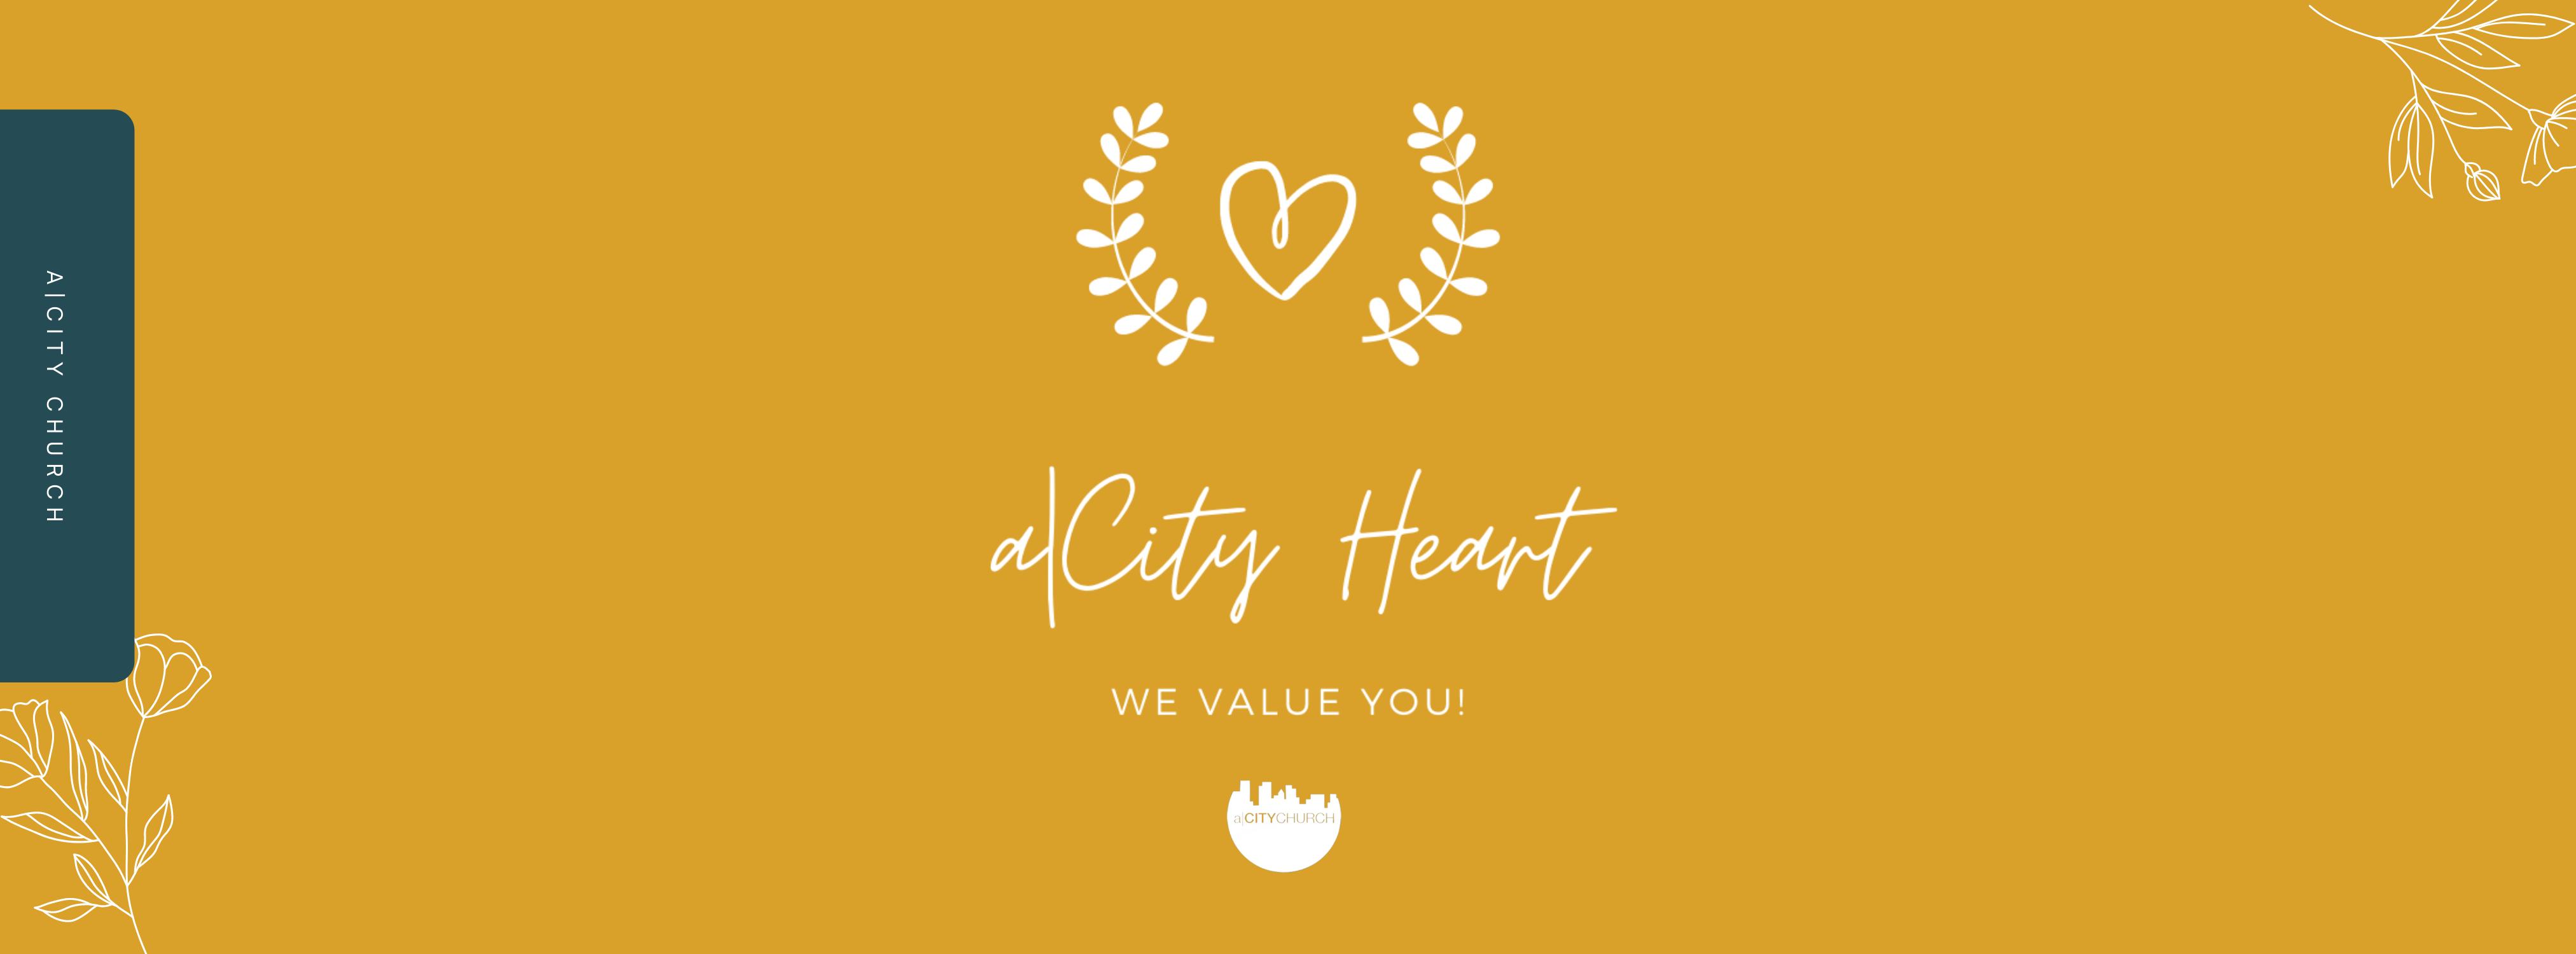 aCITY Heart